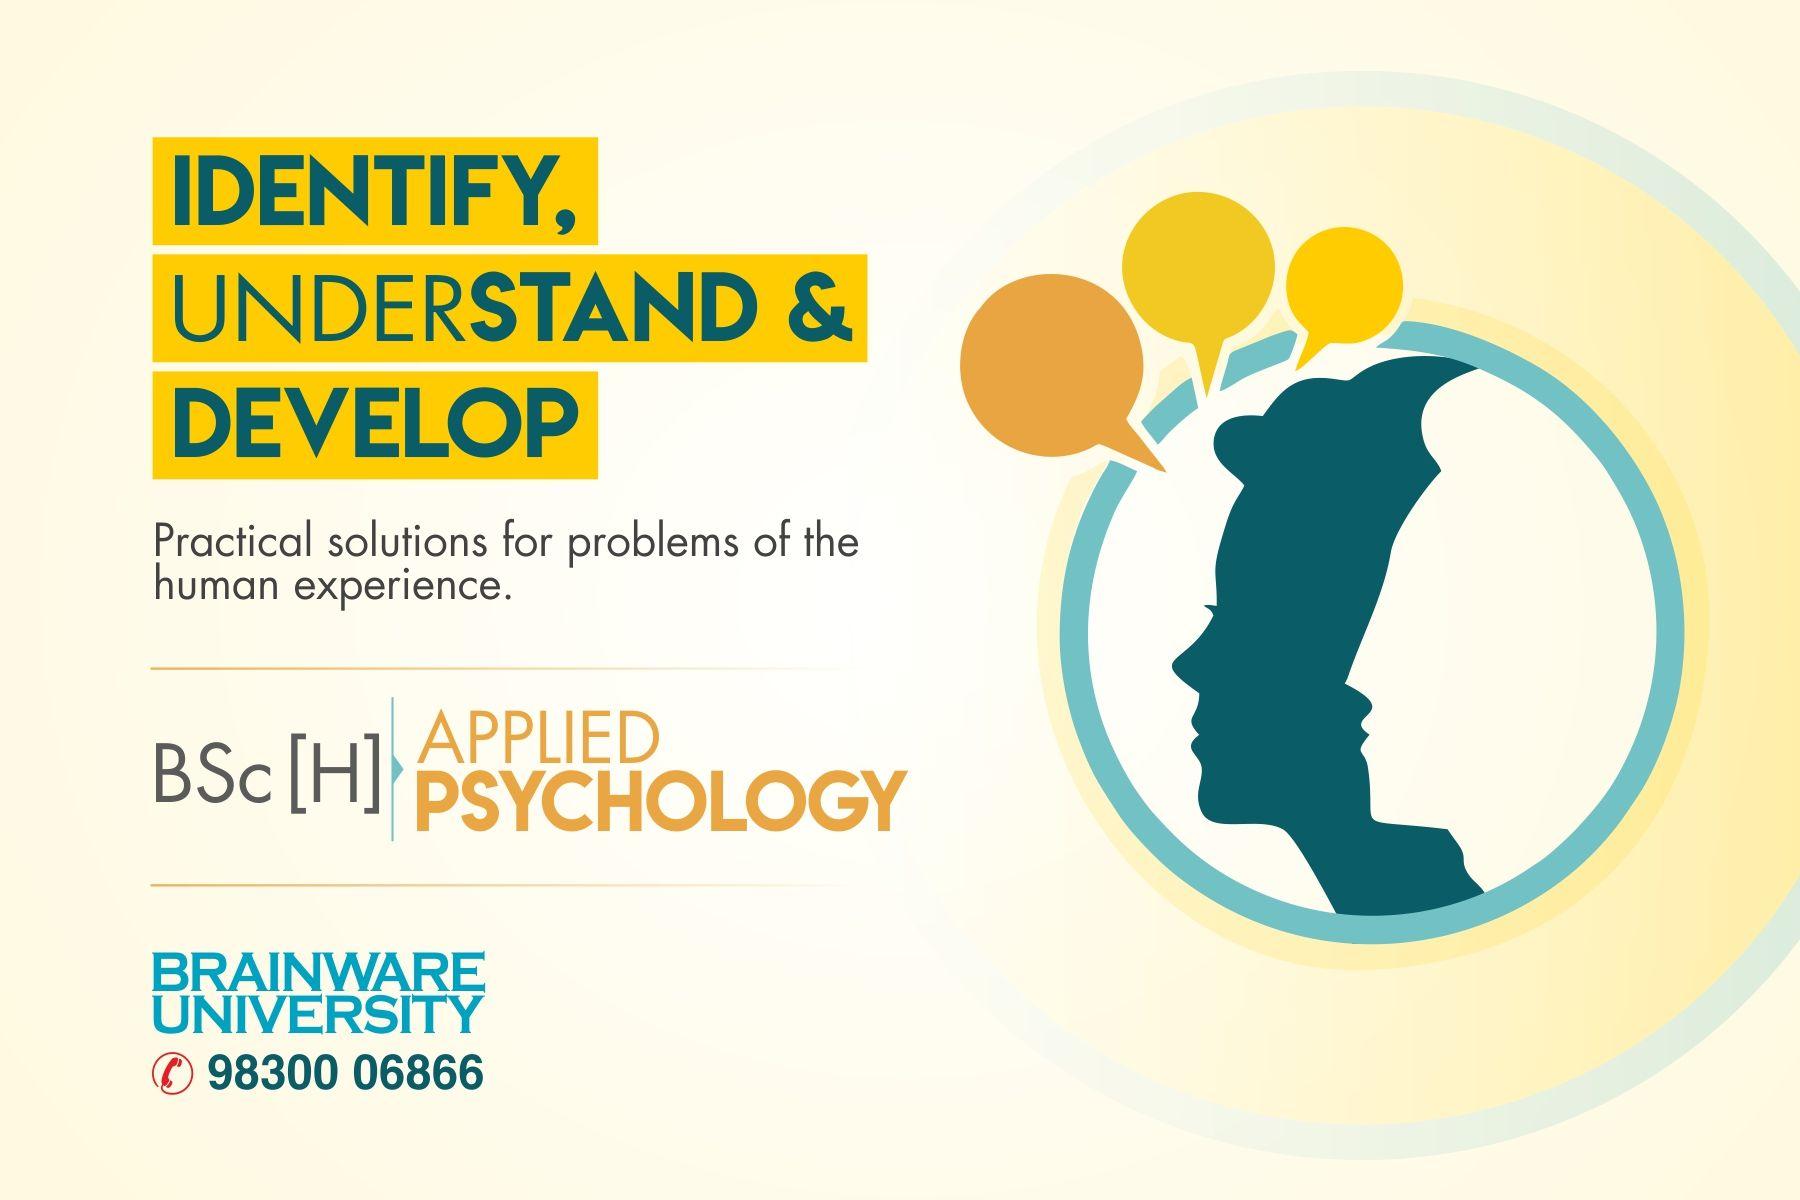 Psychology Psychologycourses Careers Jobs Students Technology Teachers Professors Hostel Management Psychology Courses Psychology Human Experience